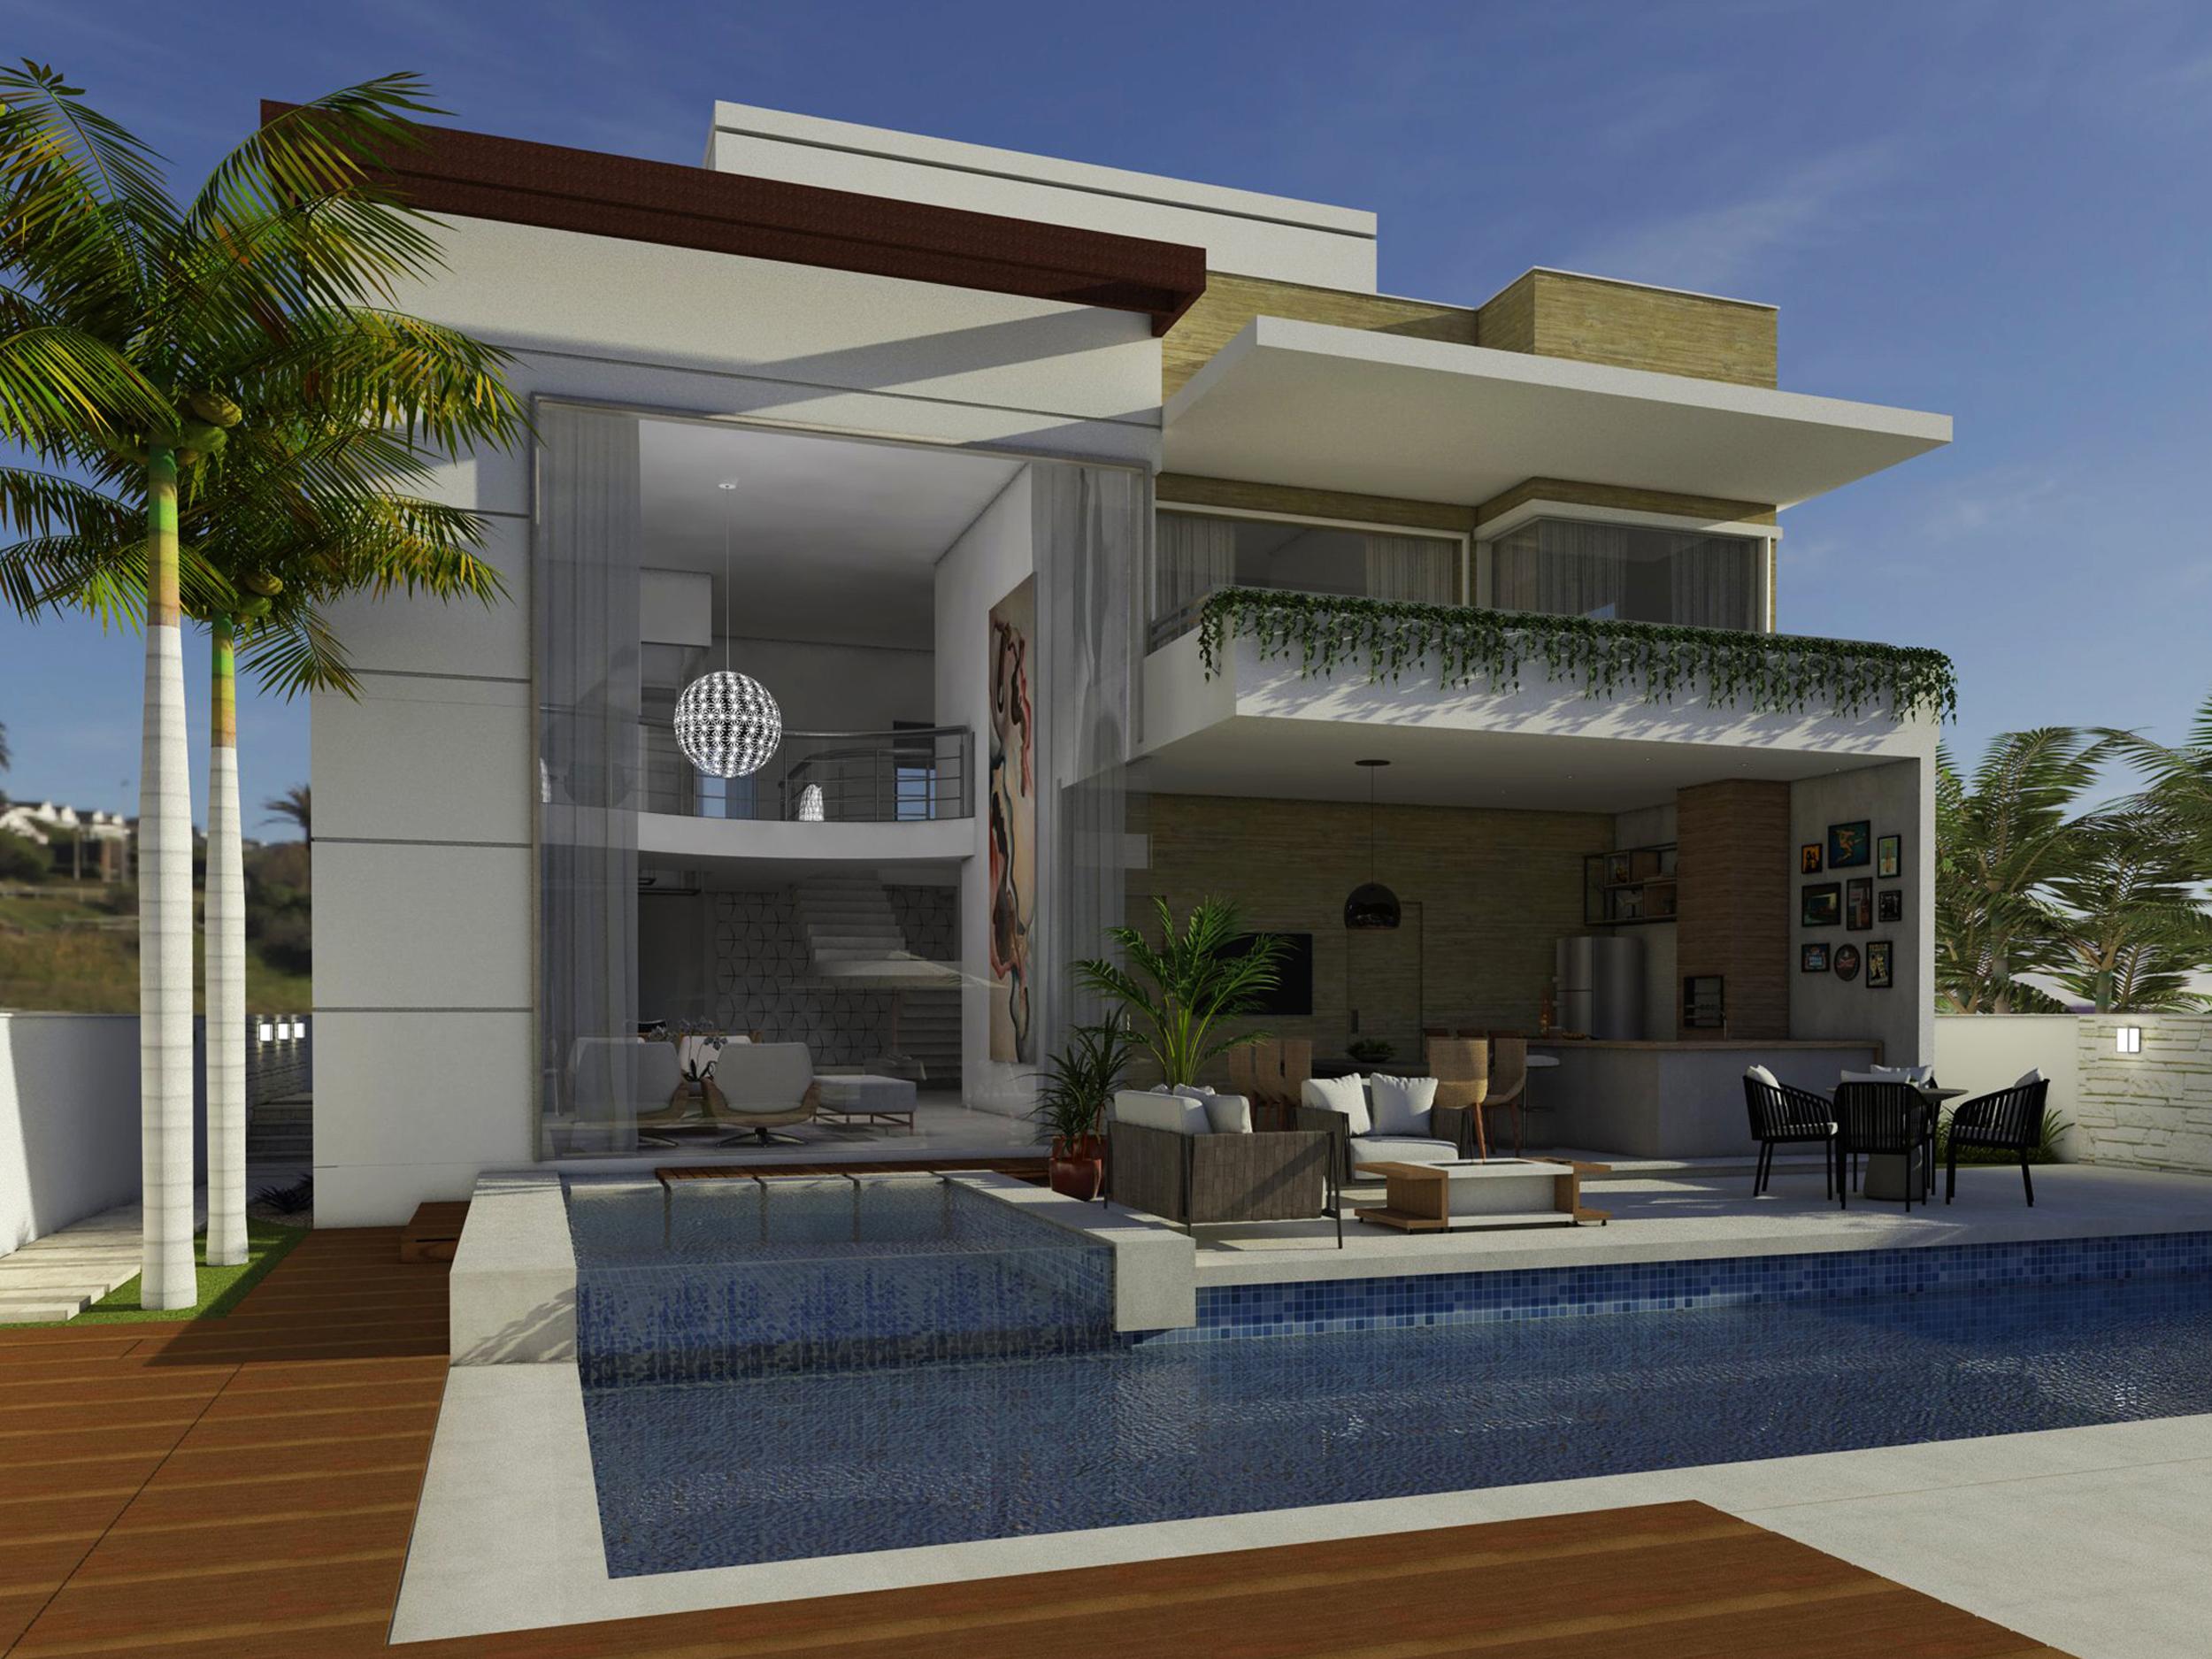 arquitetura-residencial-casa-com-piscina